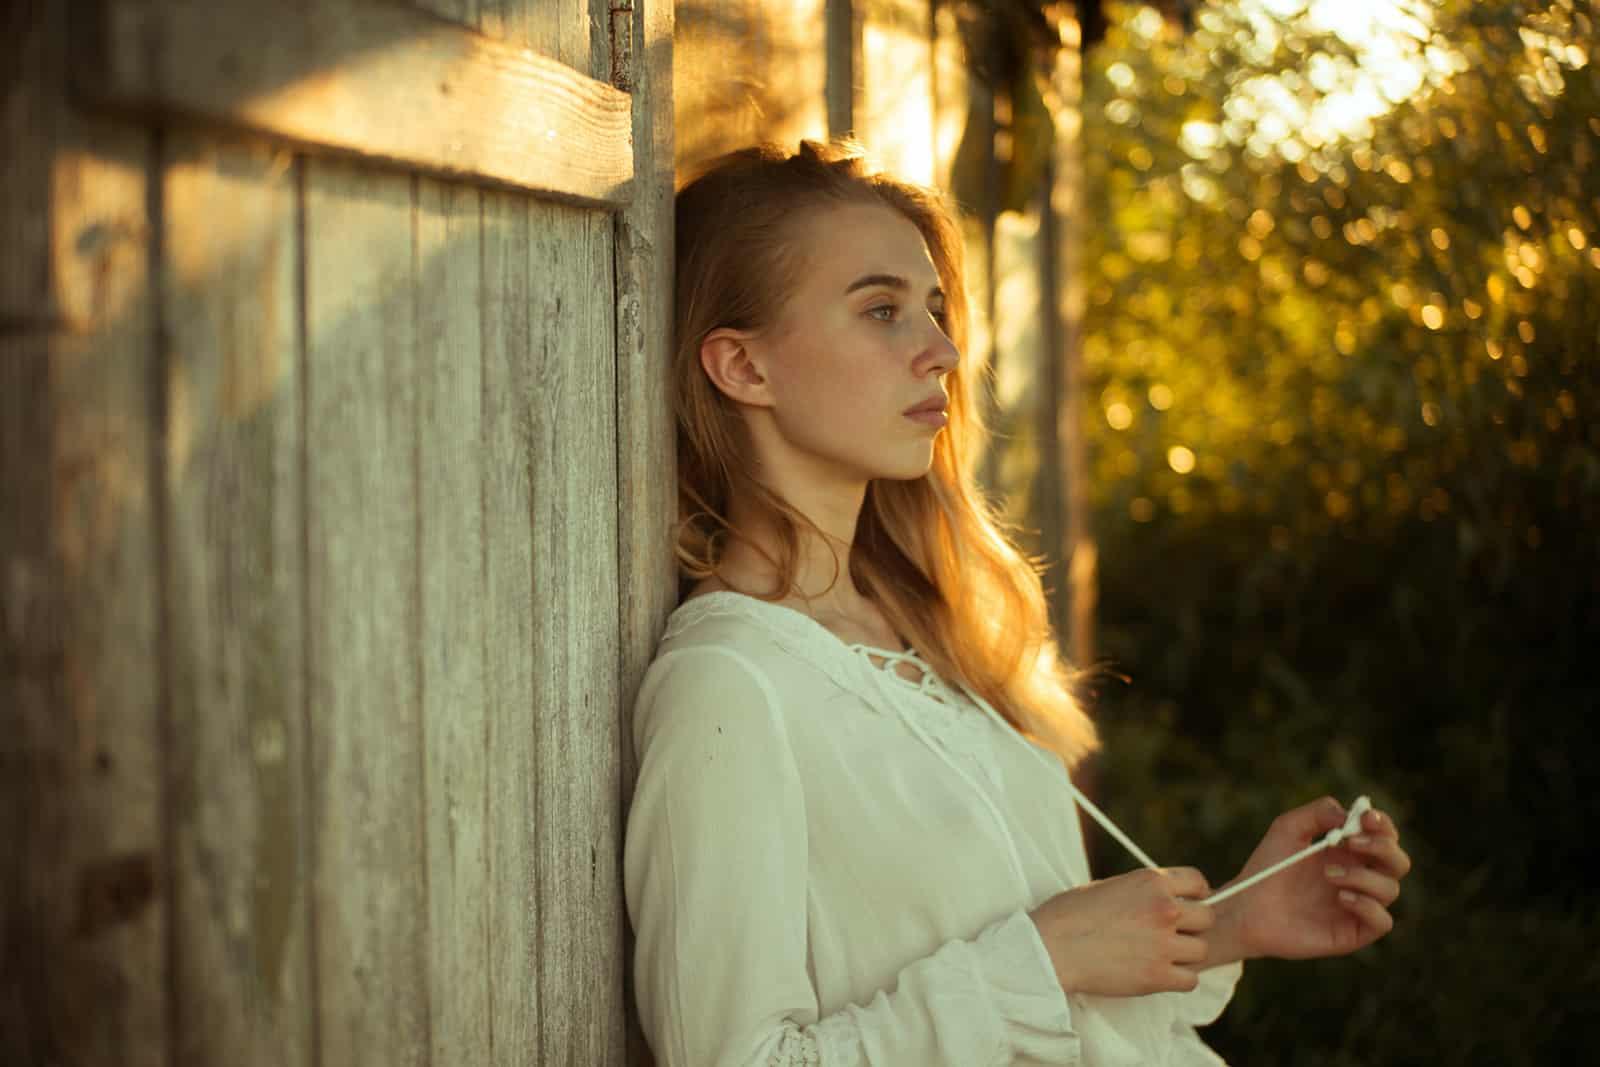 eine Frau, die sich einsam fühlt und sich an eine Holzwand lehnt